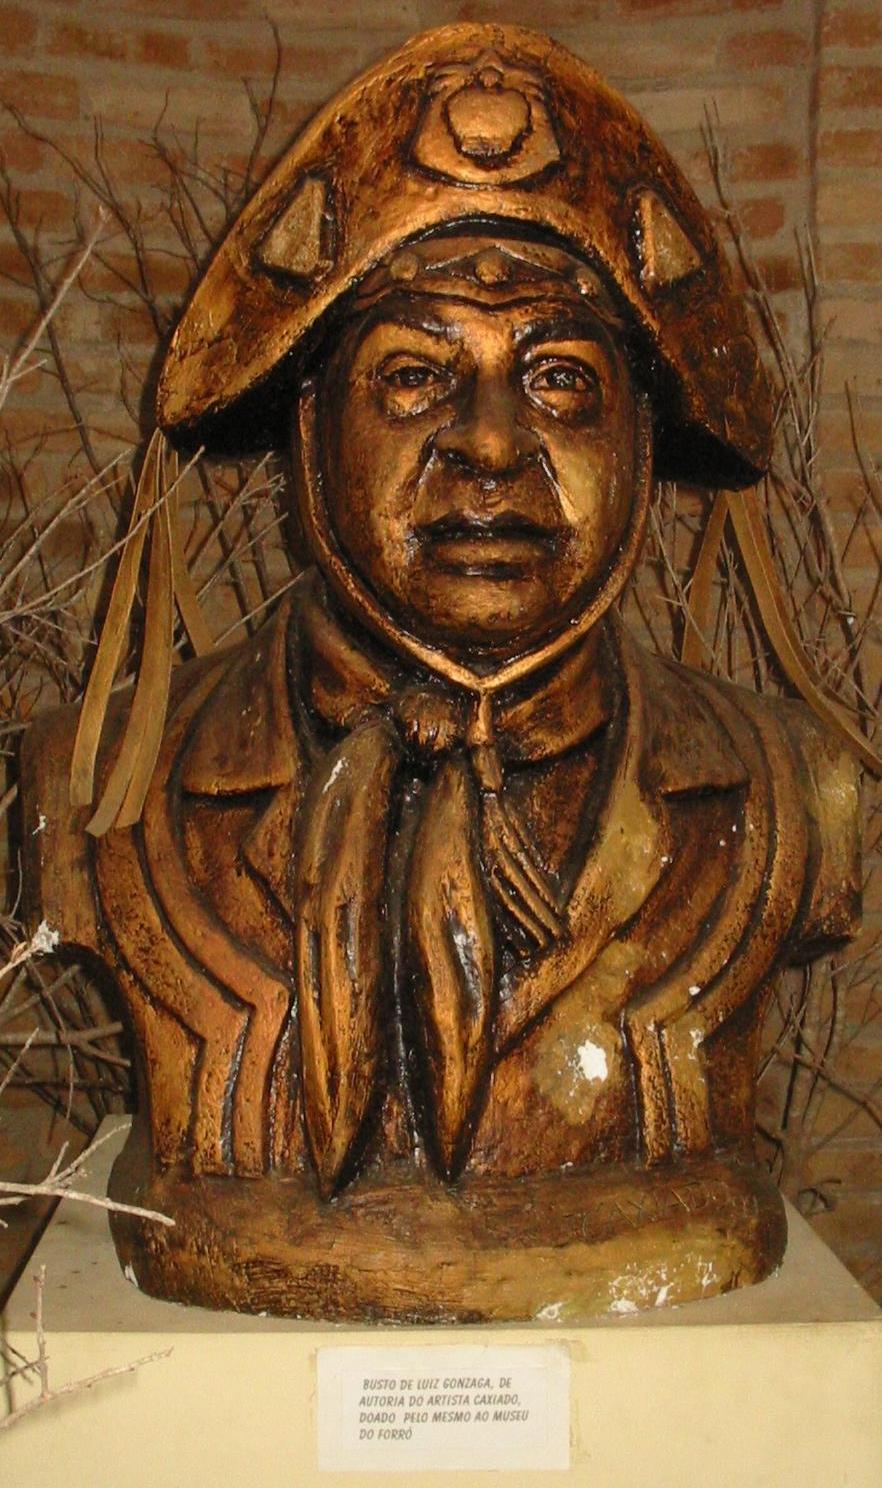 Busto en la entrada del Museu Luiz Gonzaga. Caruaru (Pernambuco).